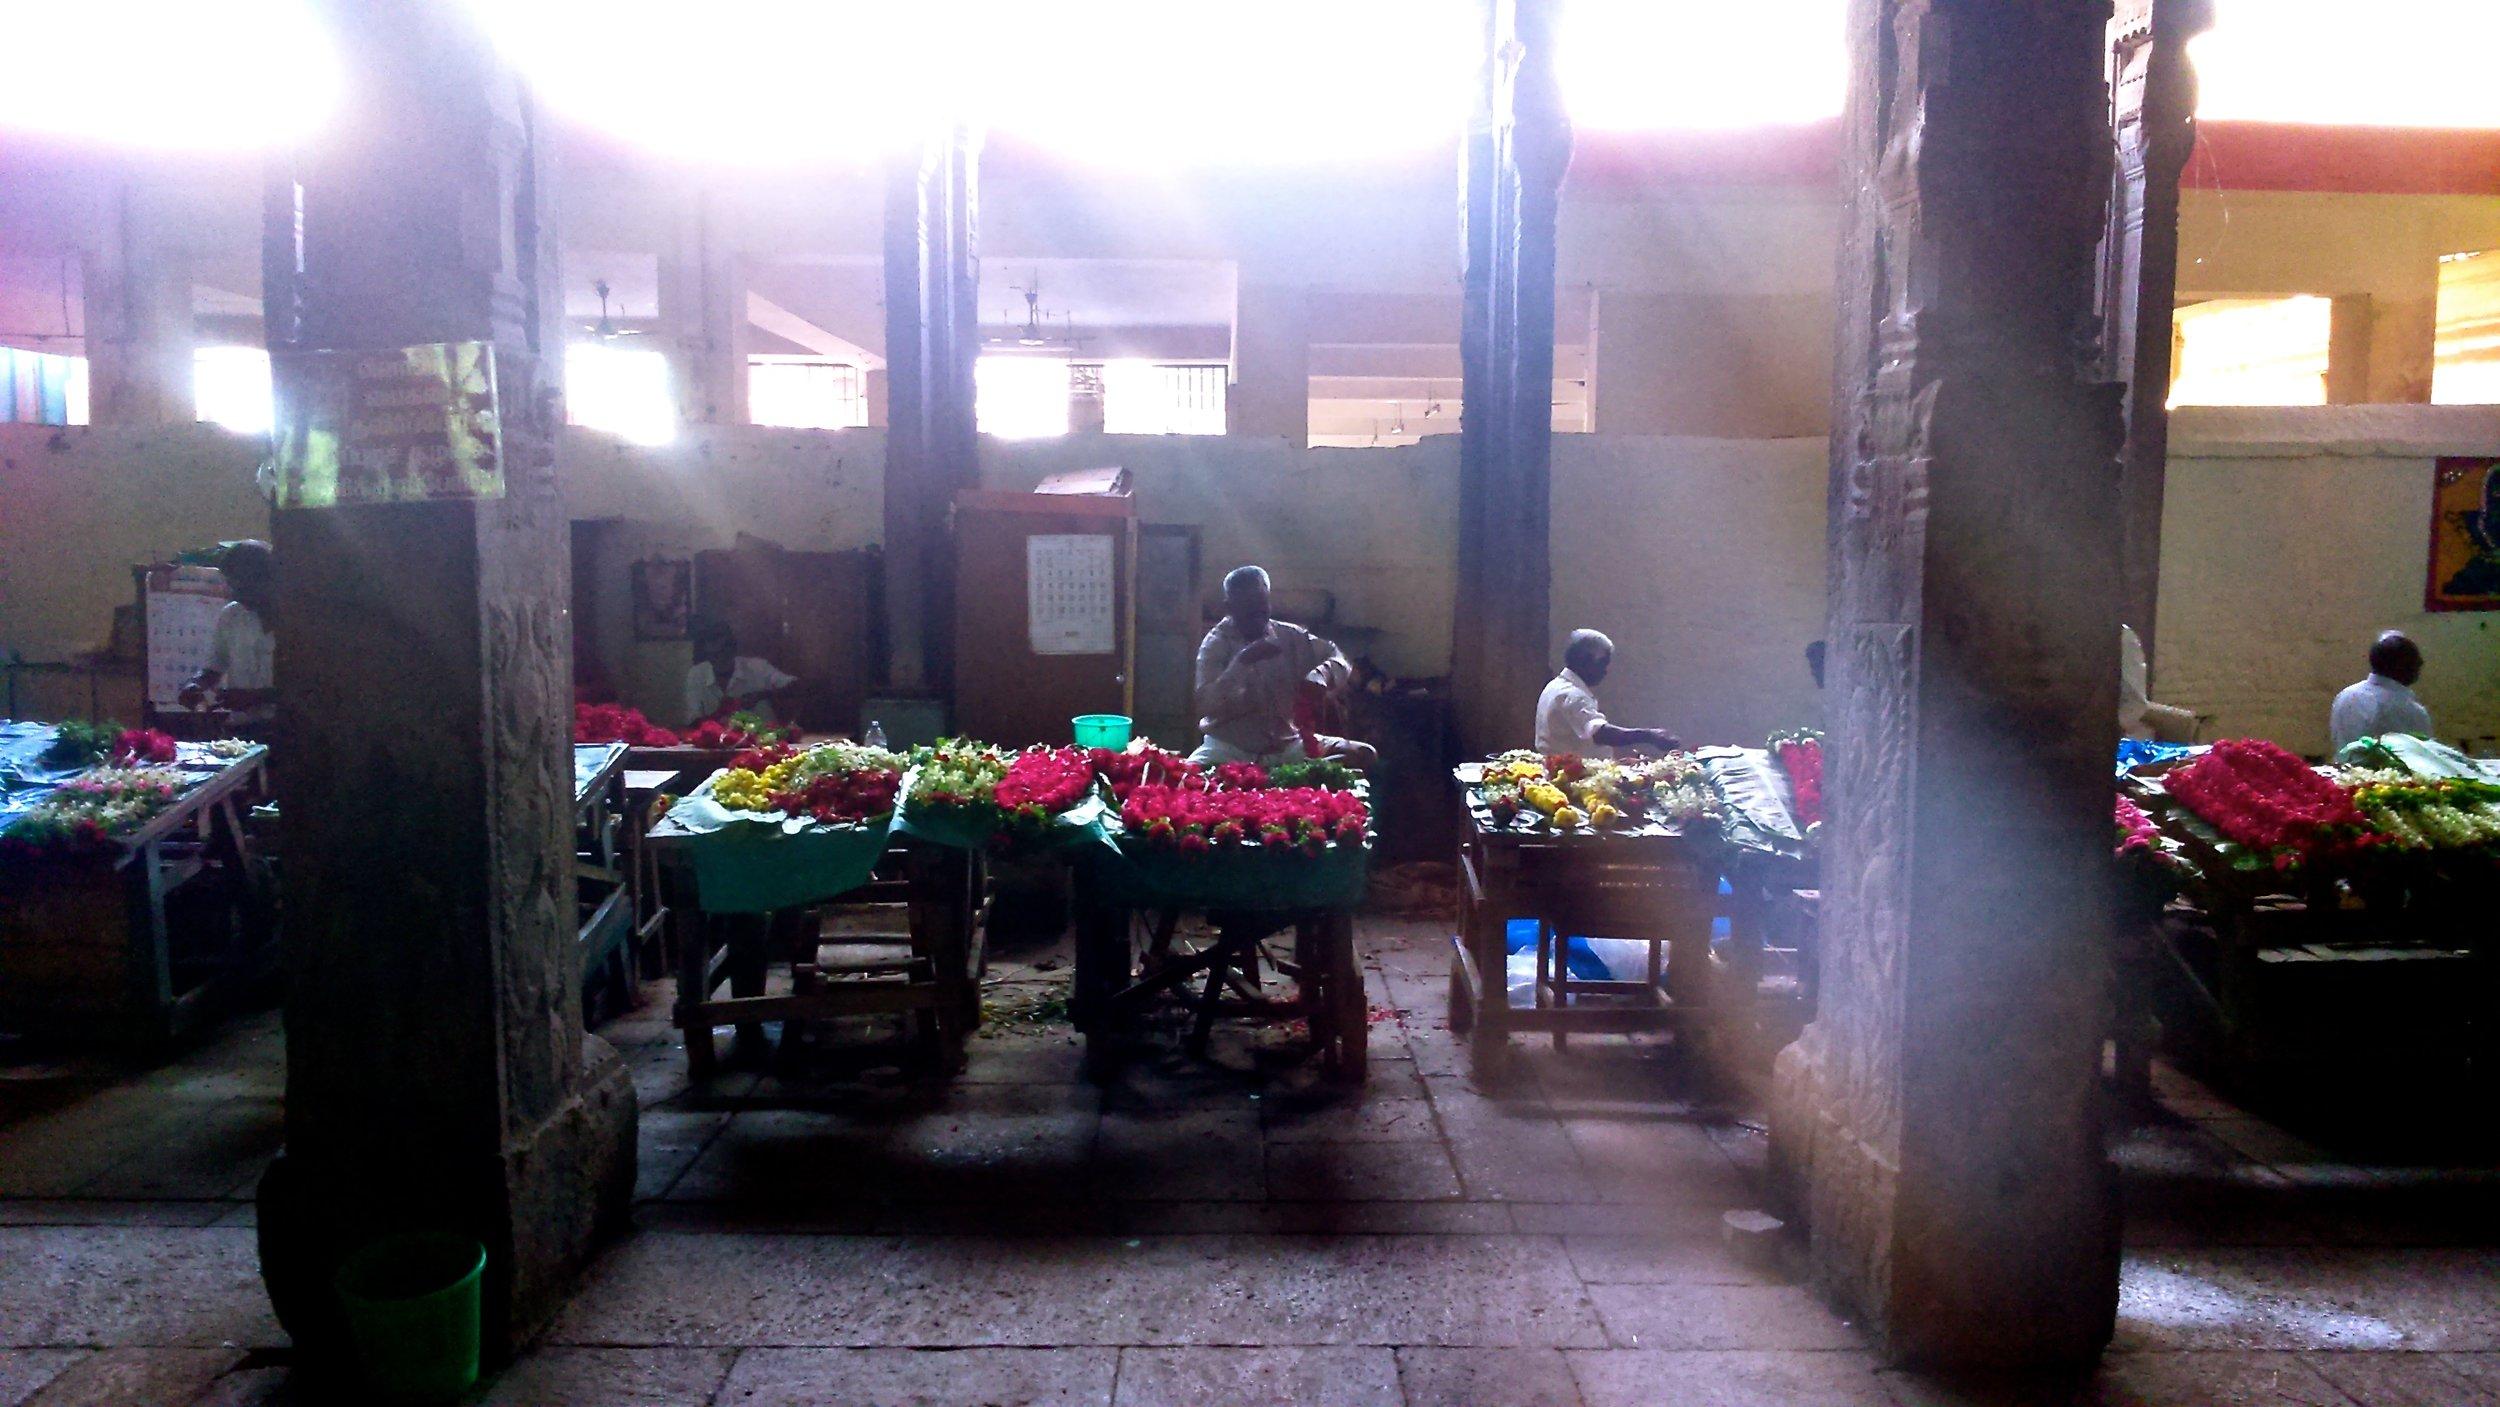 madurai-tamil-nadu-sri-meenakshi-temple.JPG